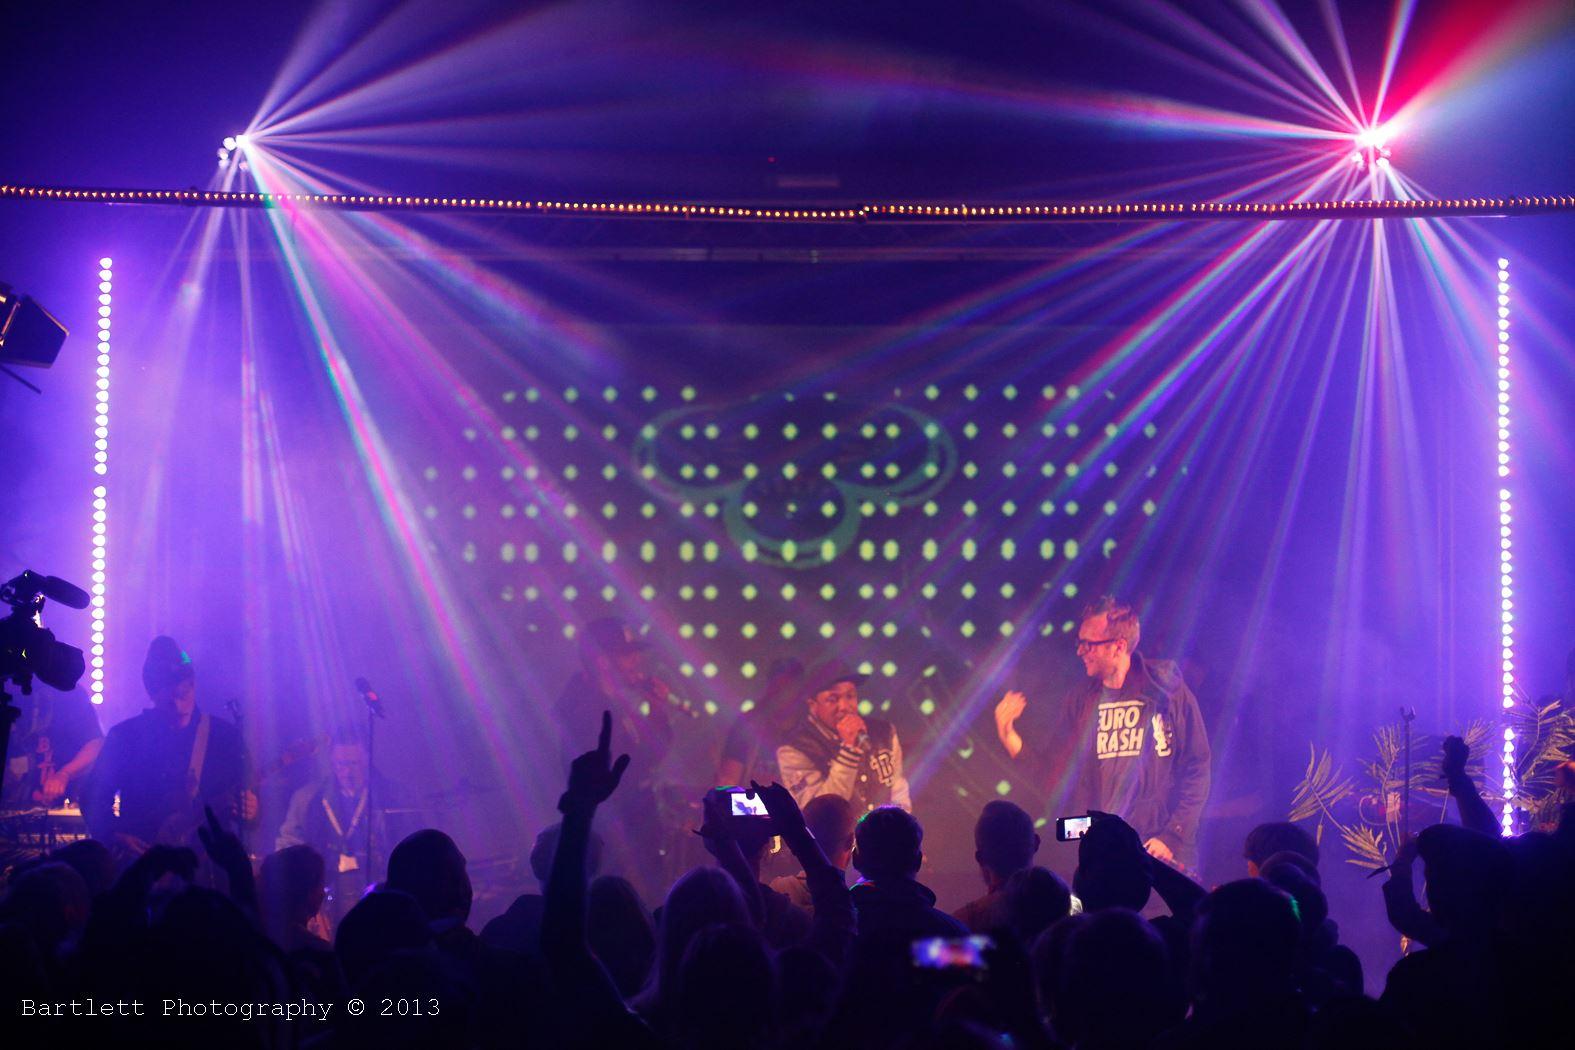 Foto: Mateus Bartlett, Ökända - musikfestival